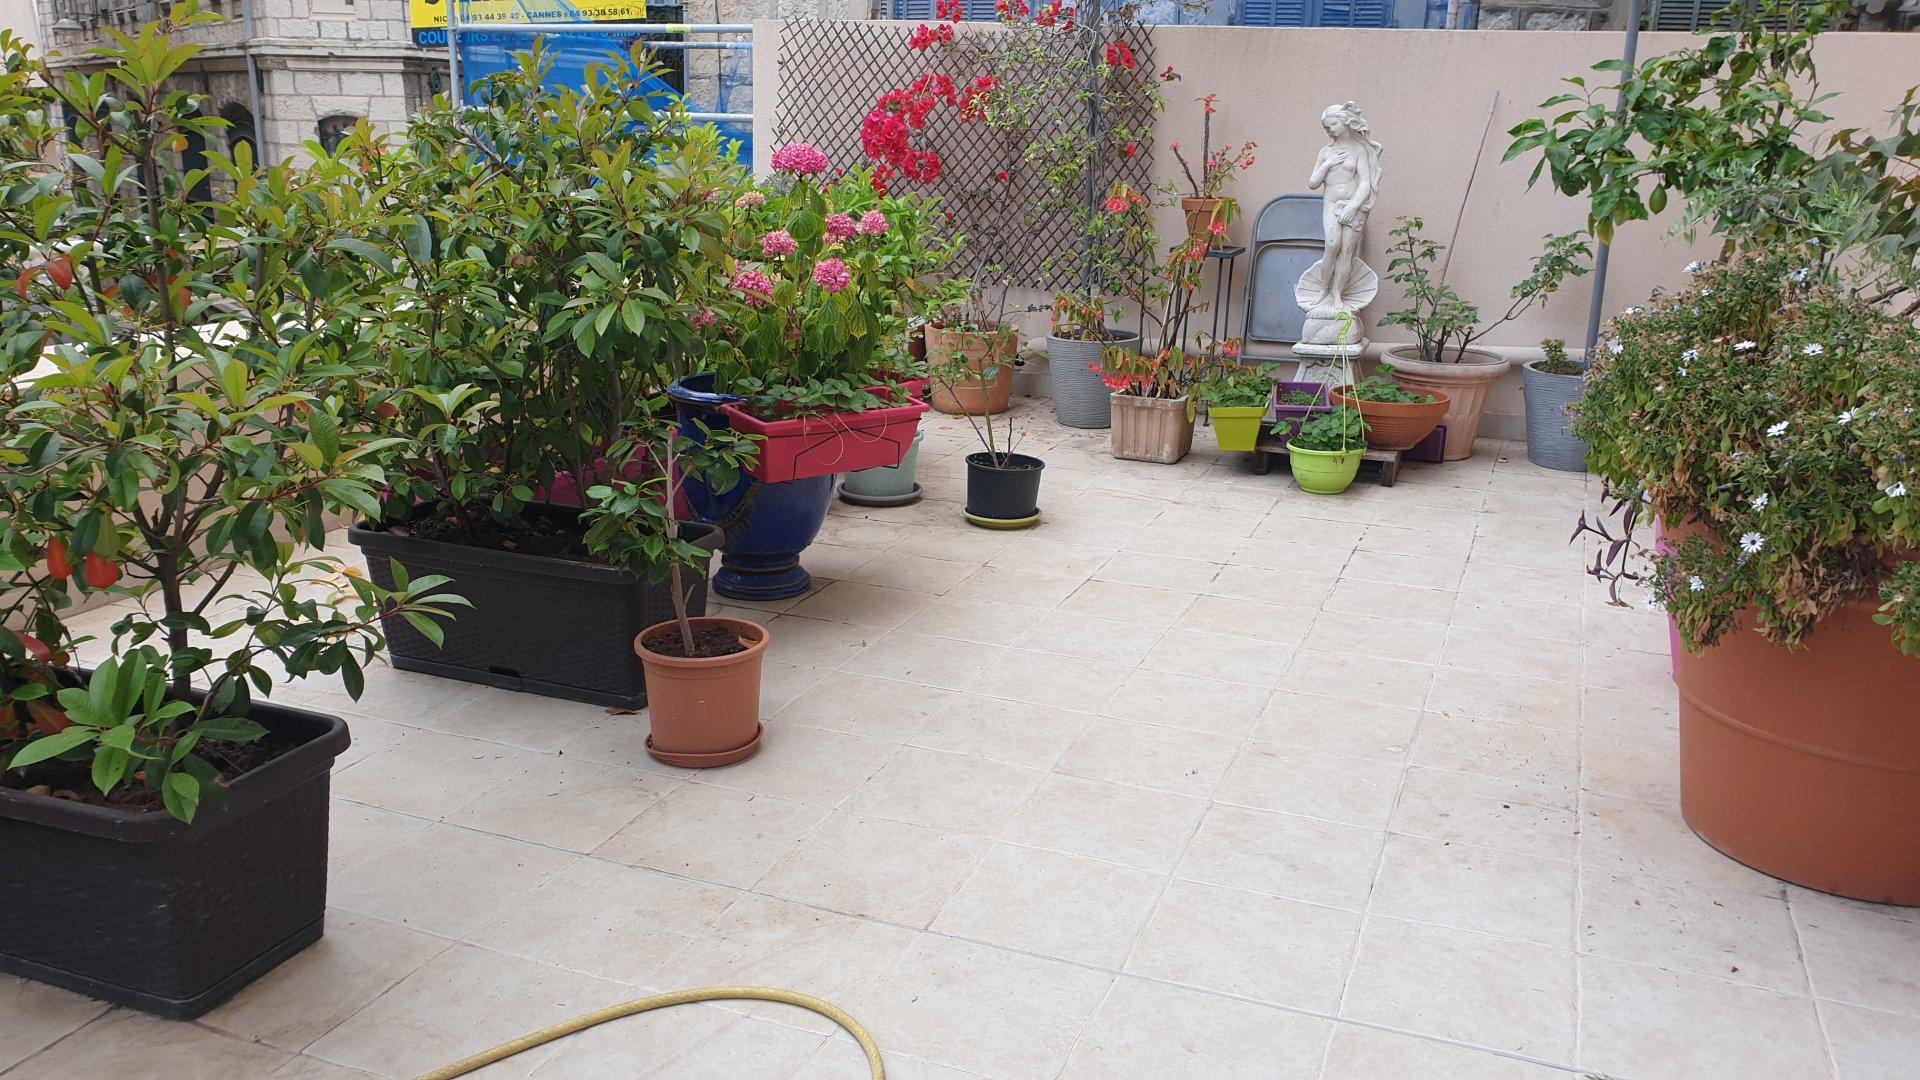 Coulée verte / tete carrée  :3 P 60 m2 , terrasse 40 m2